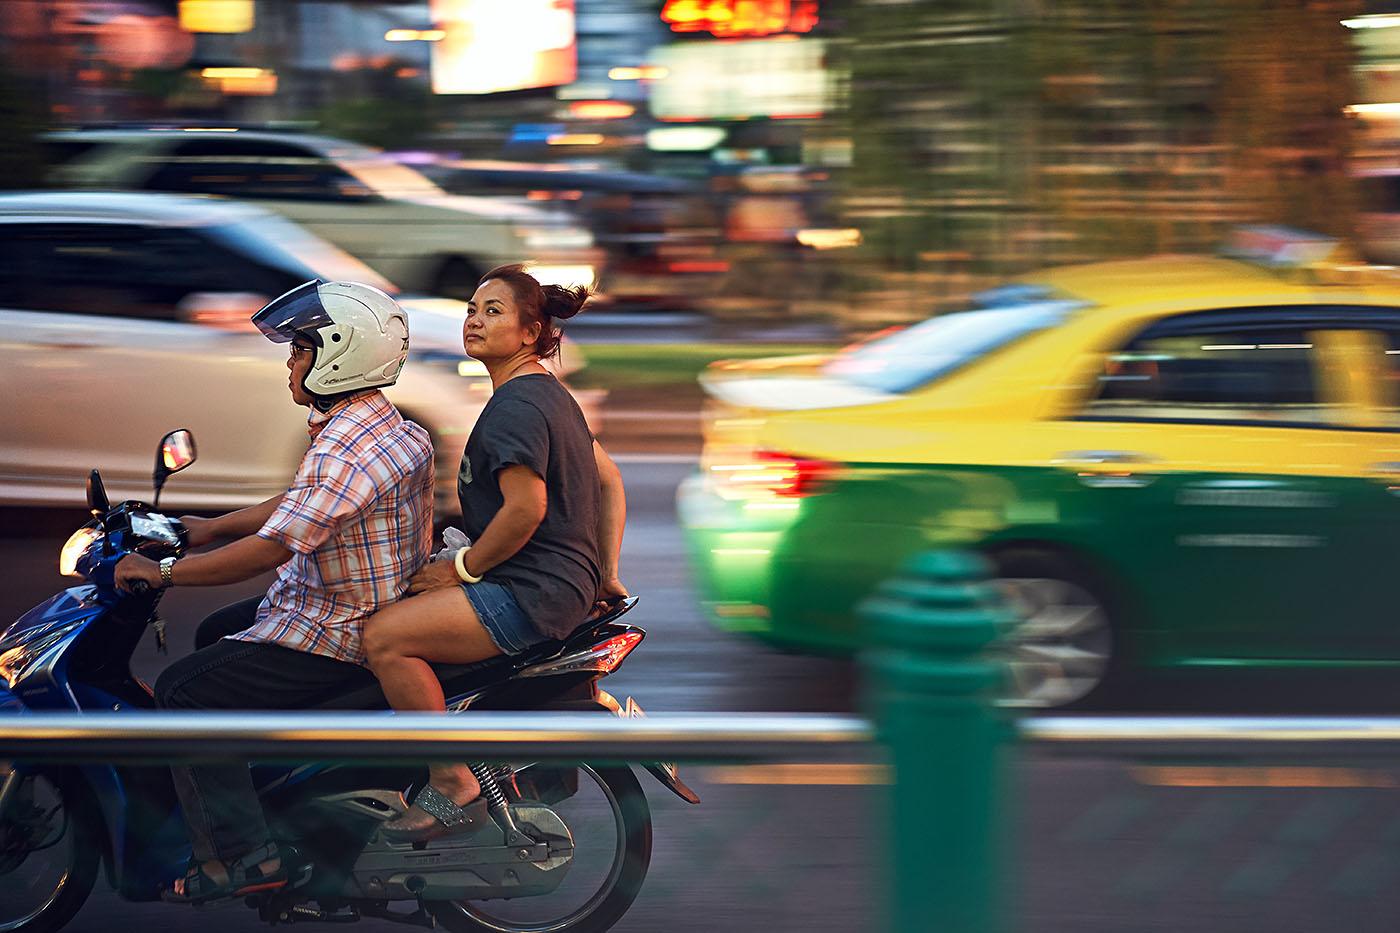 Bangkok_2017_RAW 12_klein.jpg